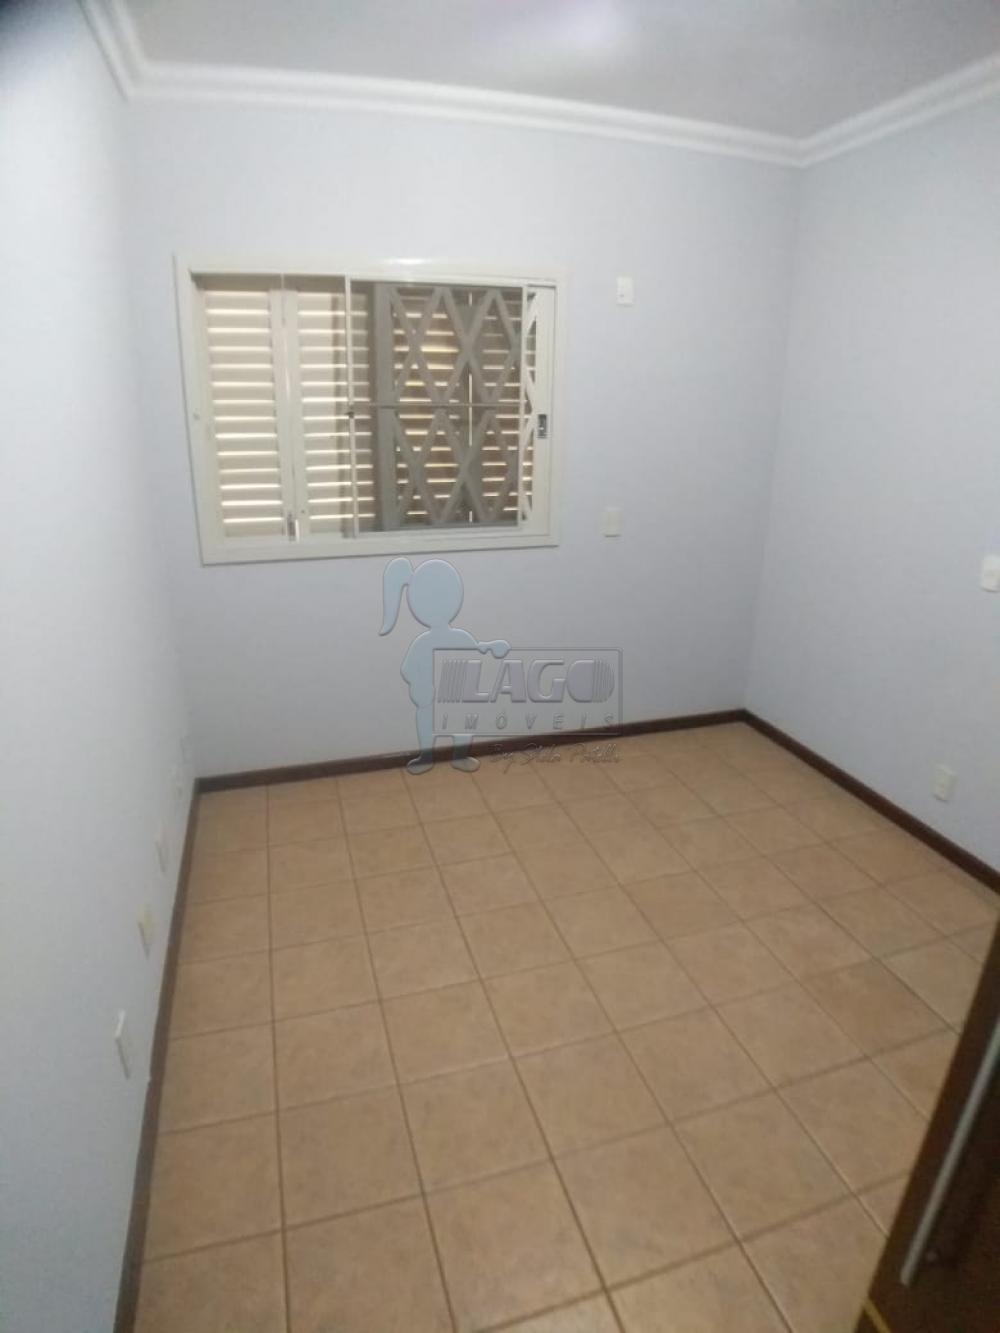 Alugar Casas / Condomínio em Ribeirão Preto apenas R$ 2.100,00 - Foto 11